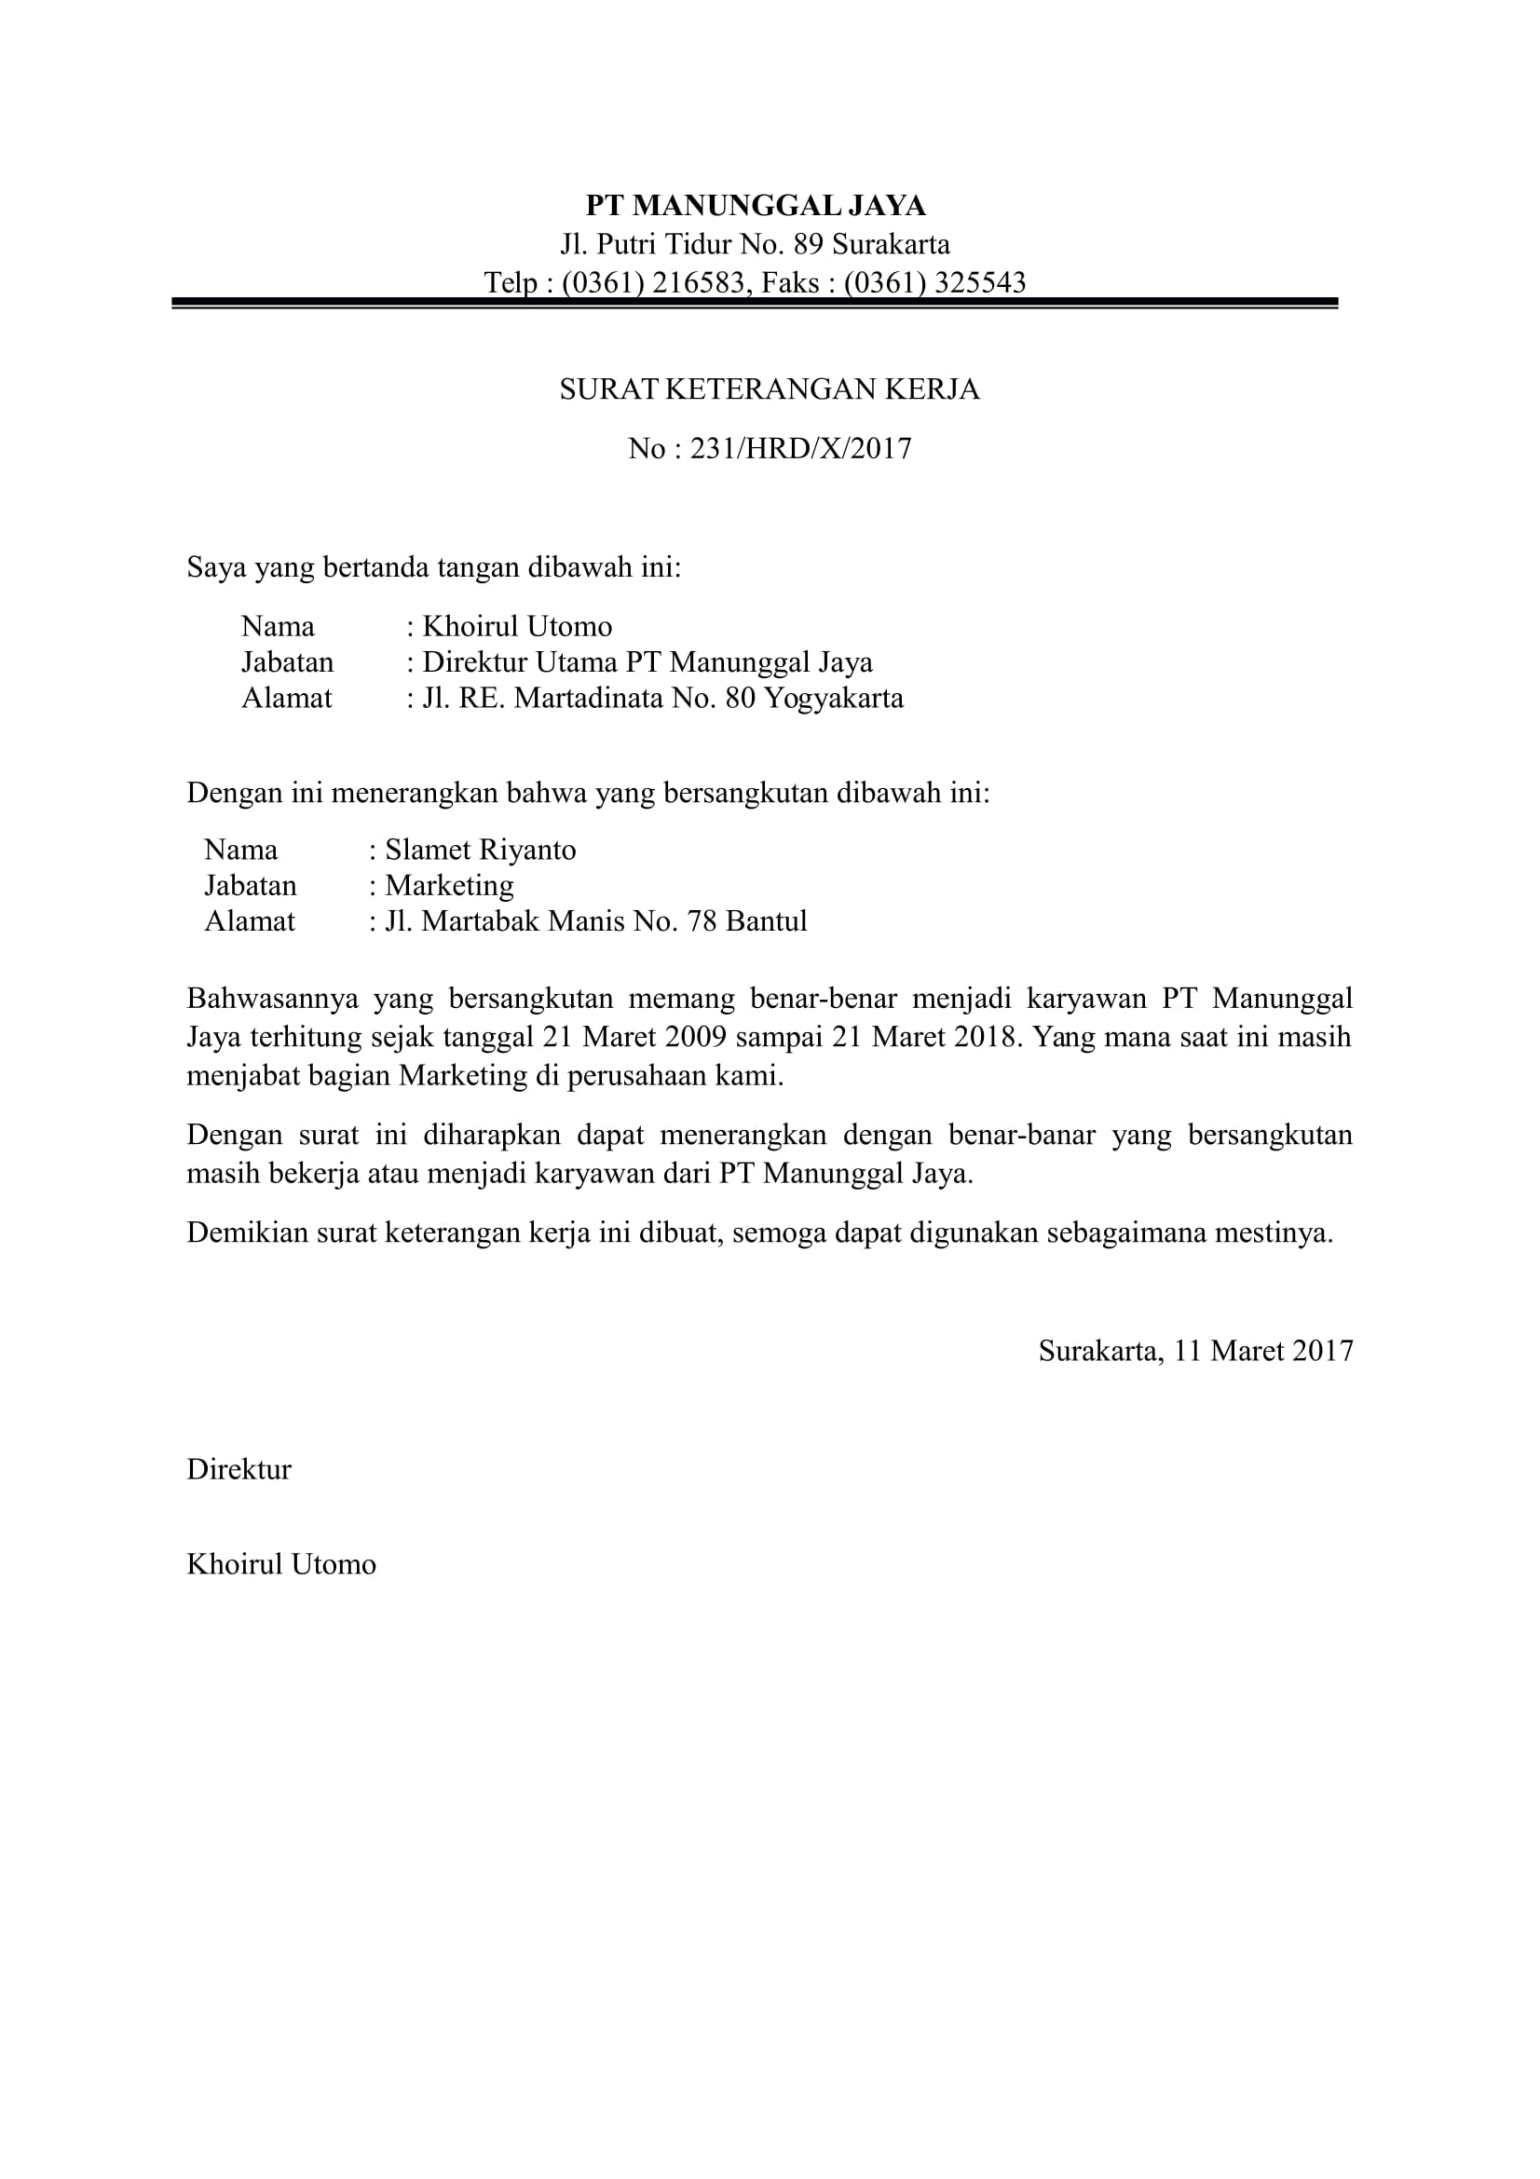 Surat Paklaring: Pengertian, Fungsi, Syarat Pembuatan